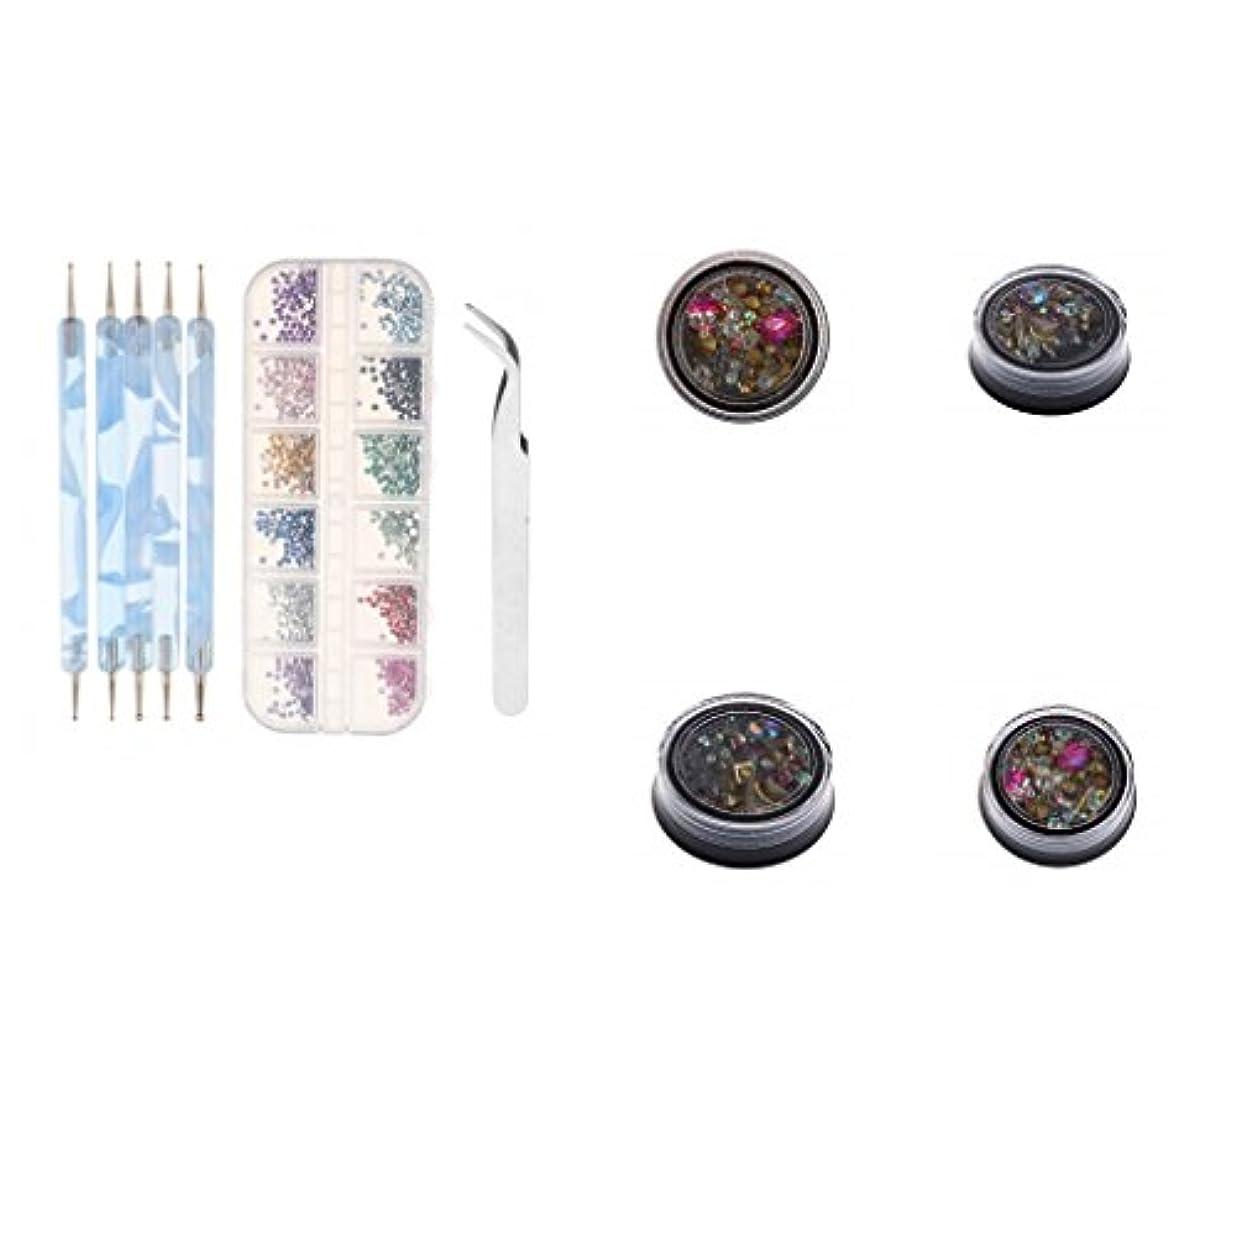 二度誇張する首CUTICATE 混合色のラインストーン付きの5本のネイルアート点描ペイントブラシペンキラキラのヒント